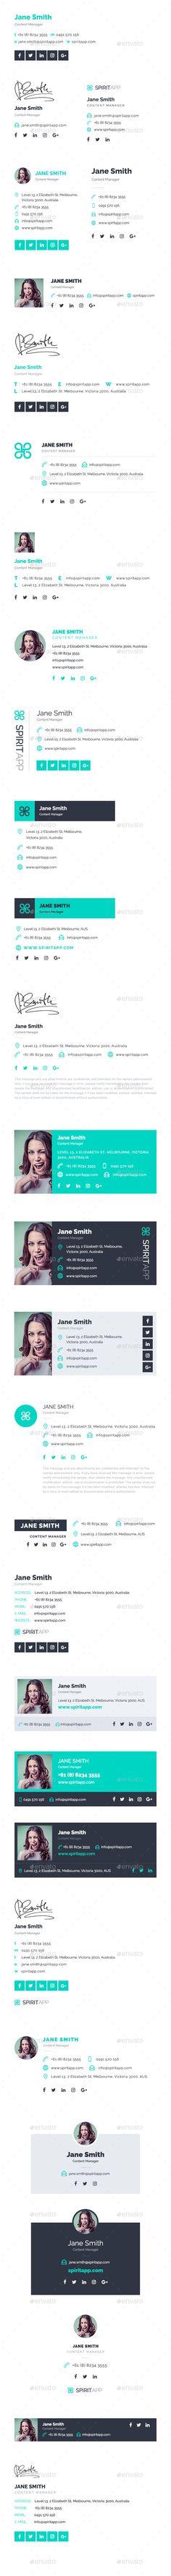 360 Professional E-Signature Templates